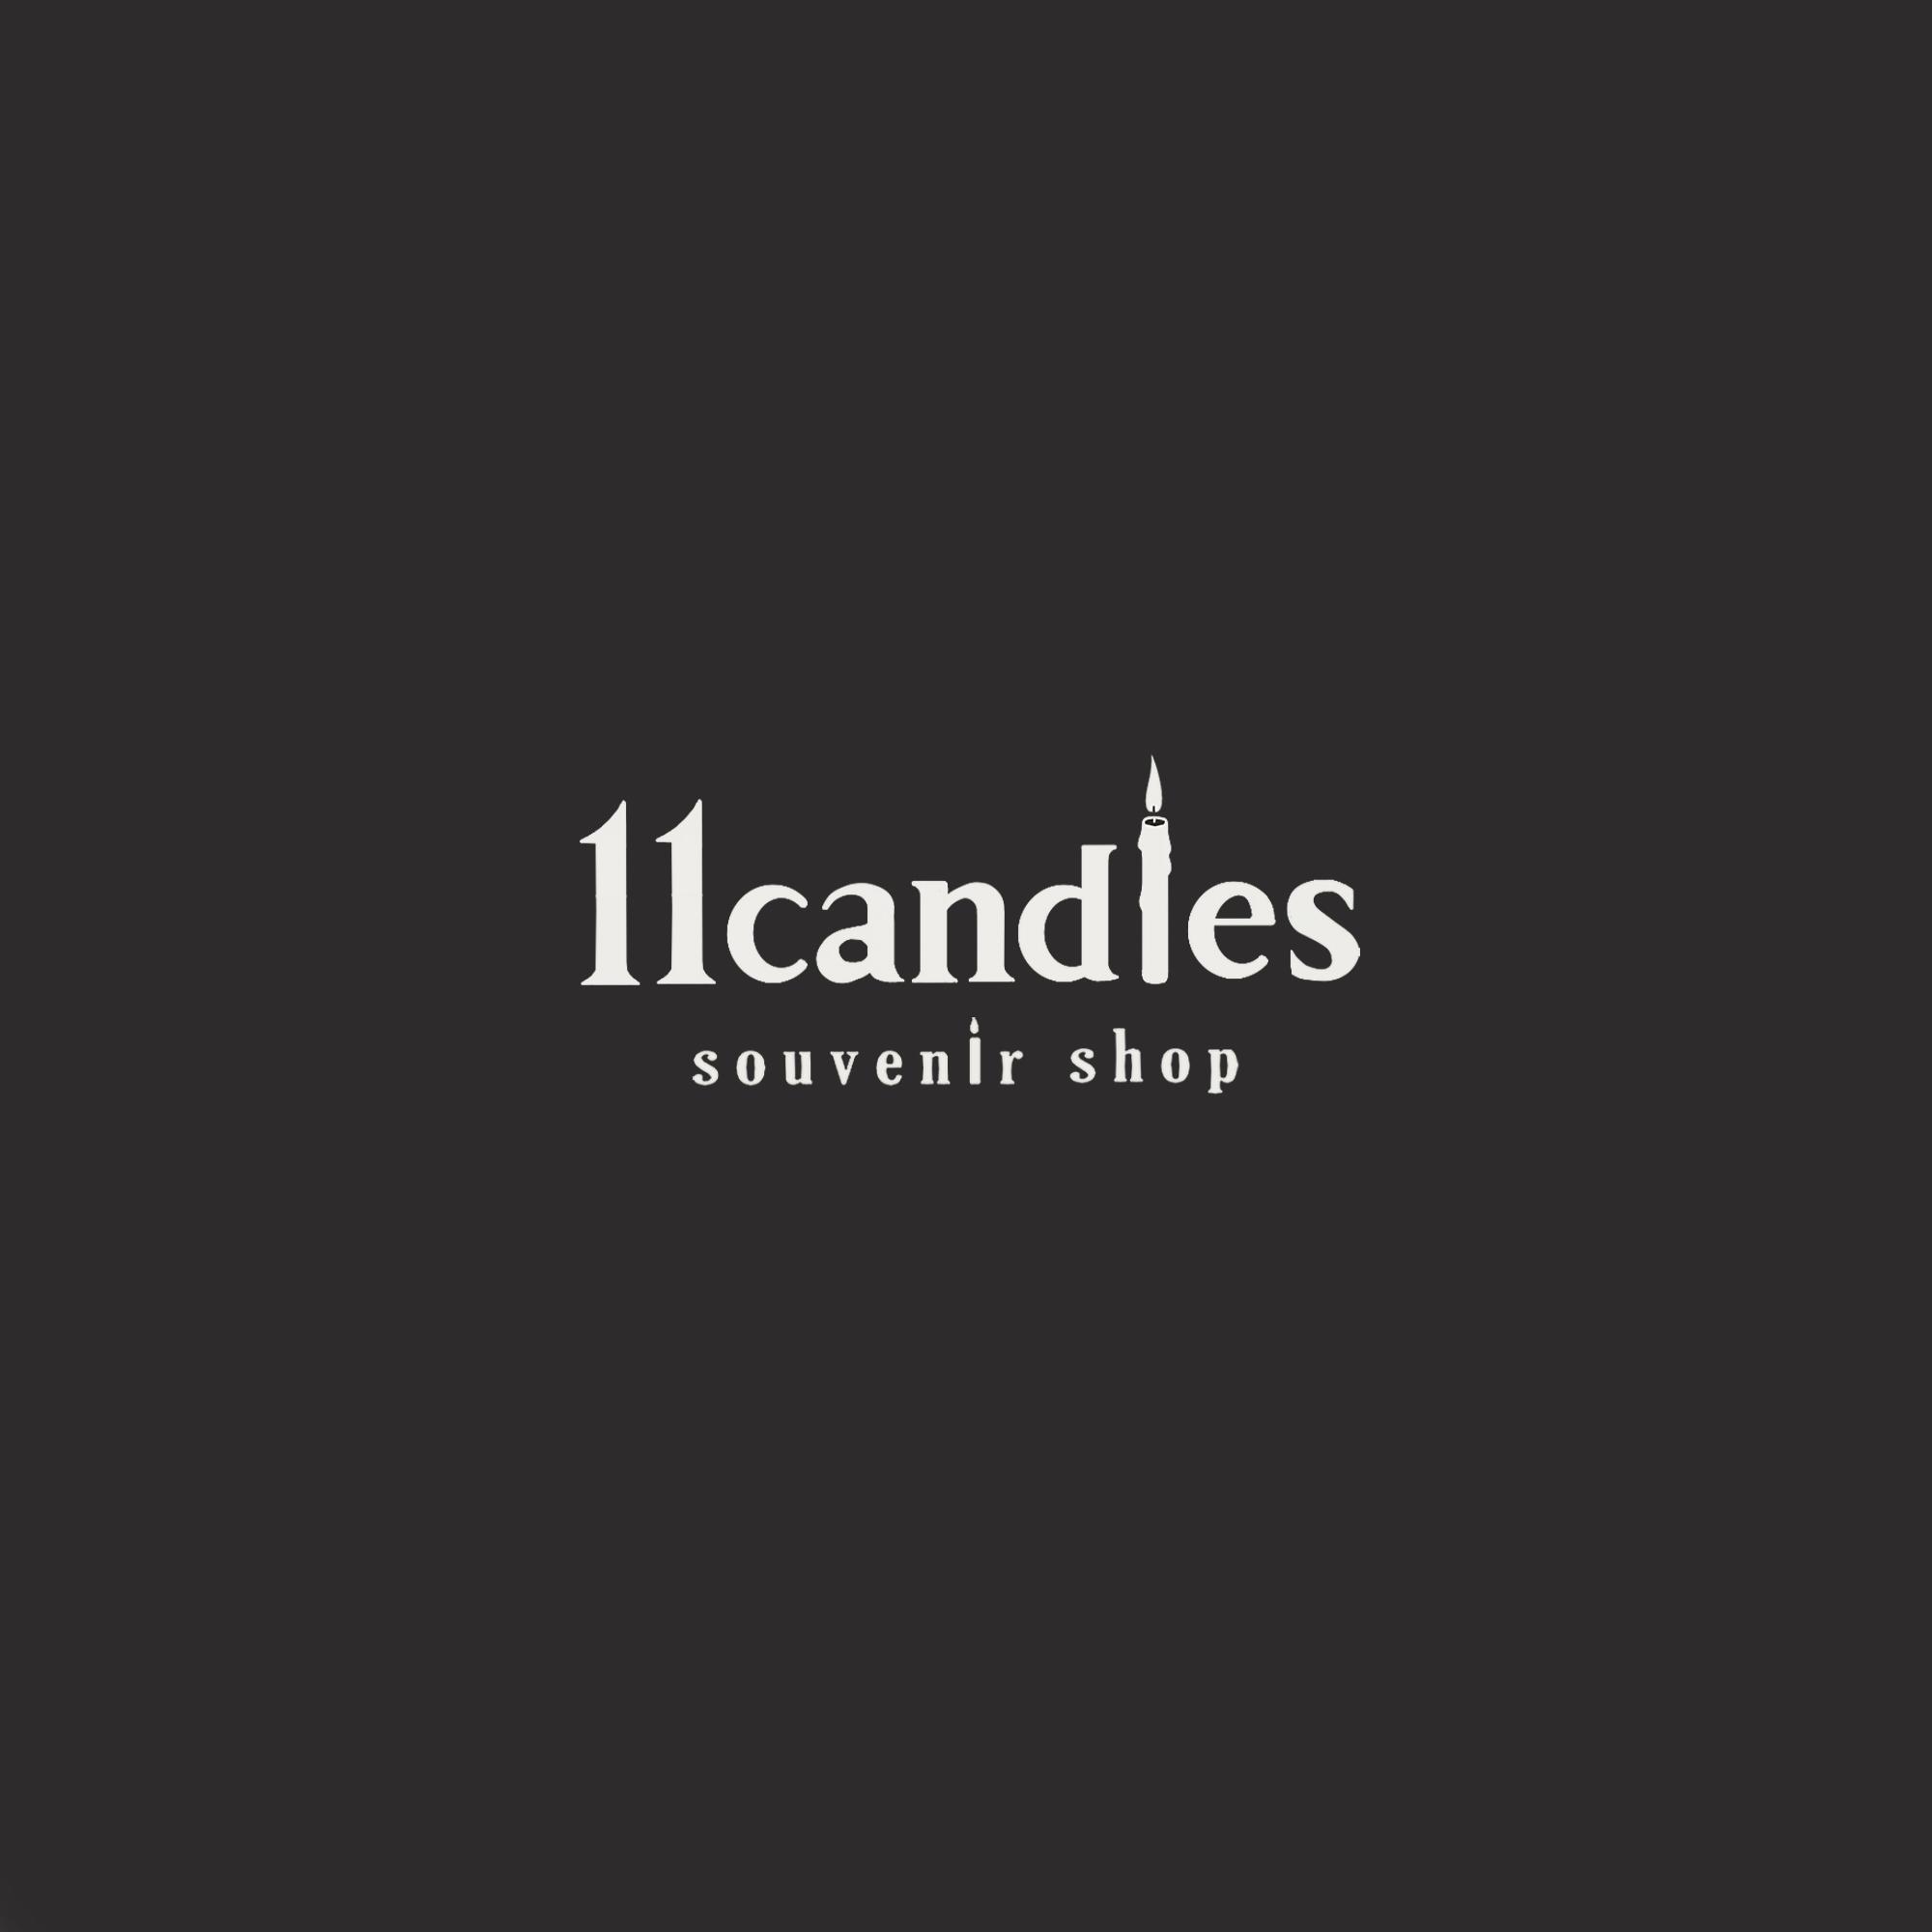 11 Candles (logo design)